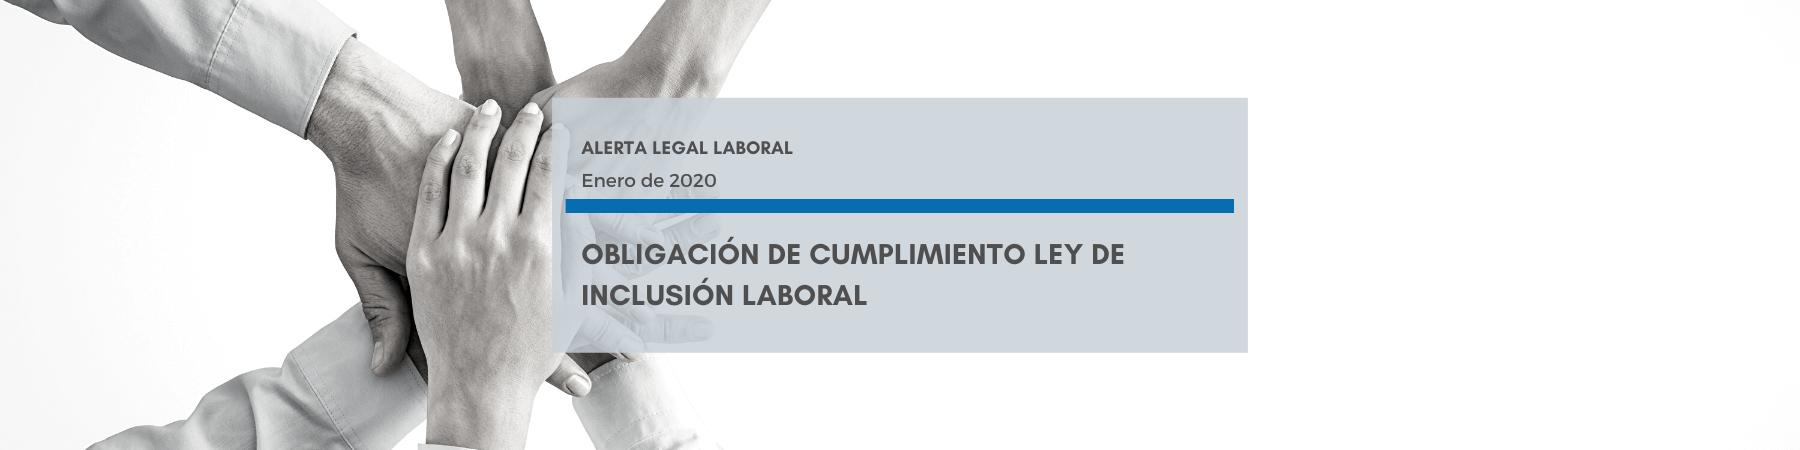 Alerta Legal | Obligación de Cumplimiento Ley de Inclusión Laboral